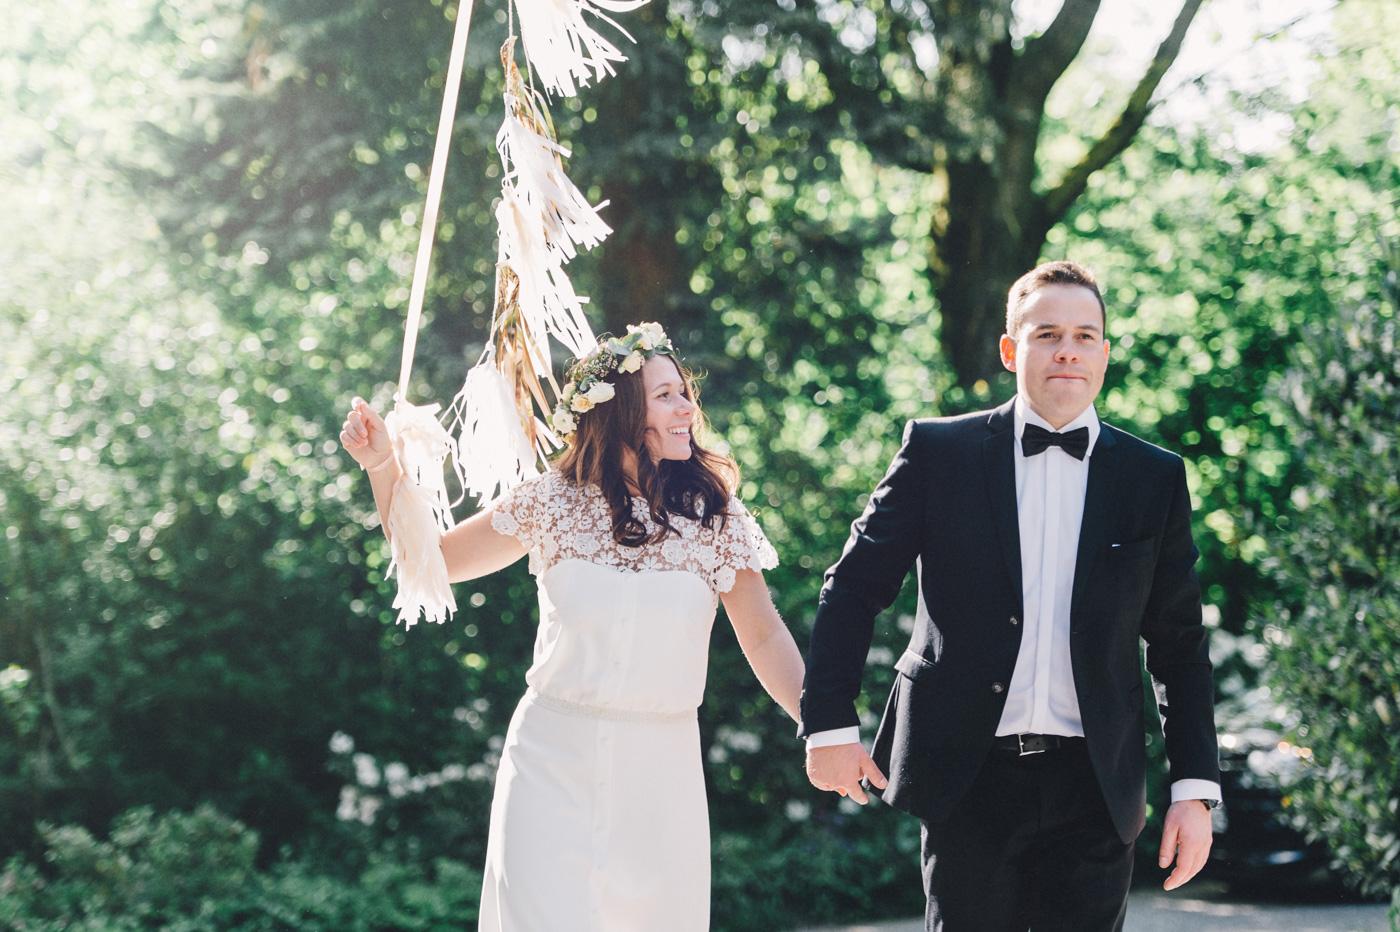 diy-wedding-nothenhof--111